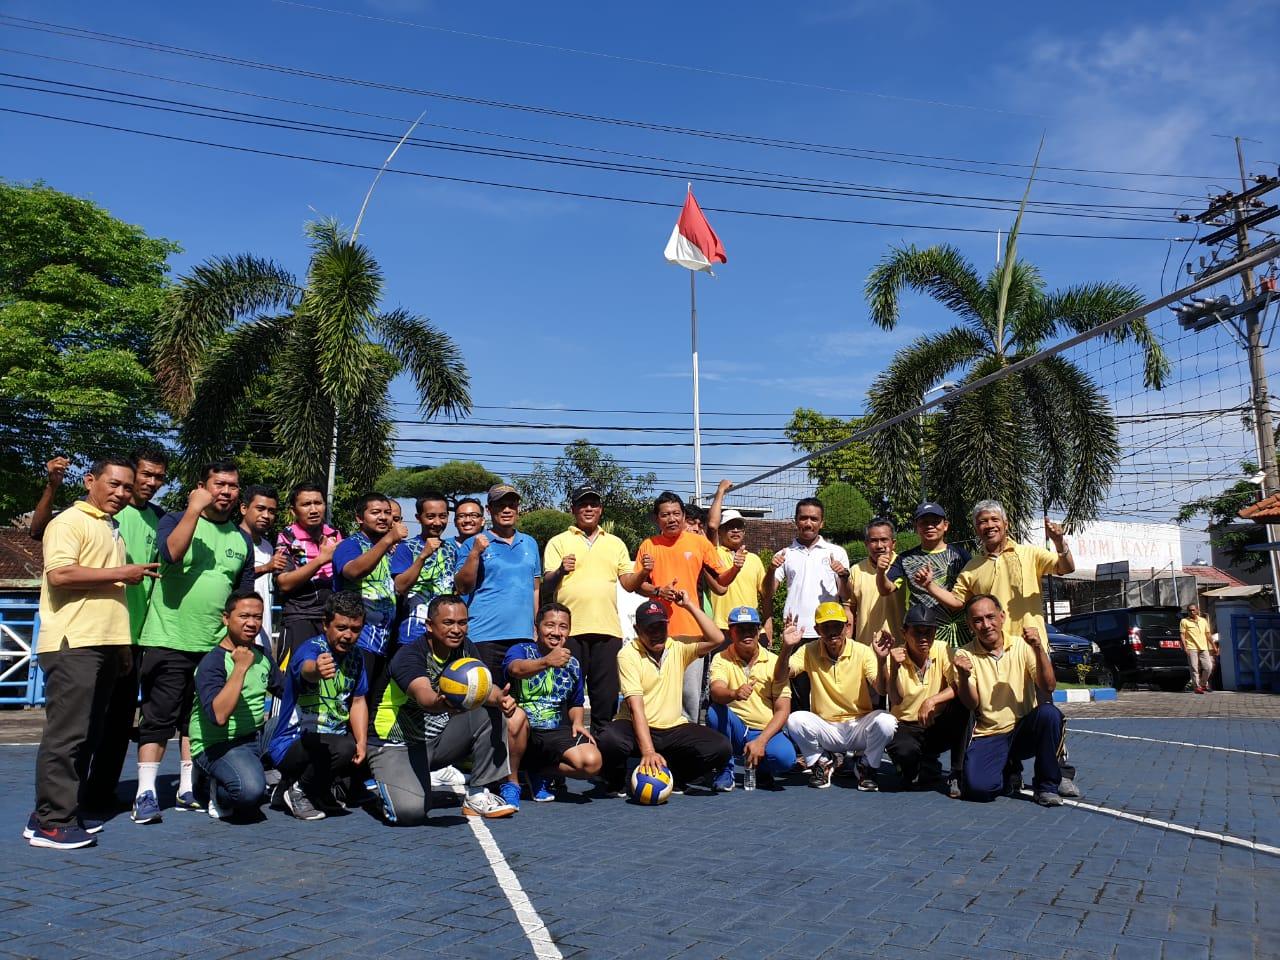 Tingkatkan Sinergi Antar Instansi Dengan Olahraga Bersama KPKNL Sidoarjo dan KPPN Sidoarjo